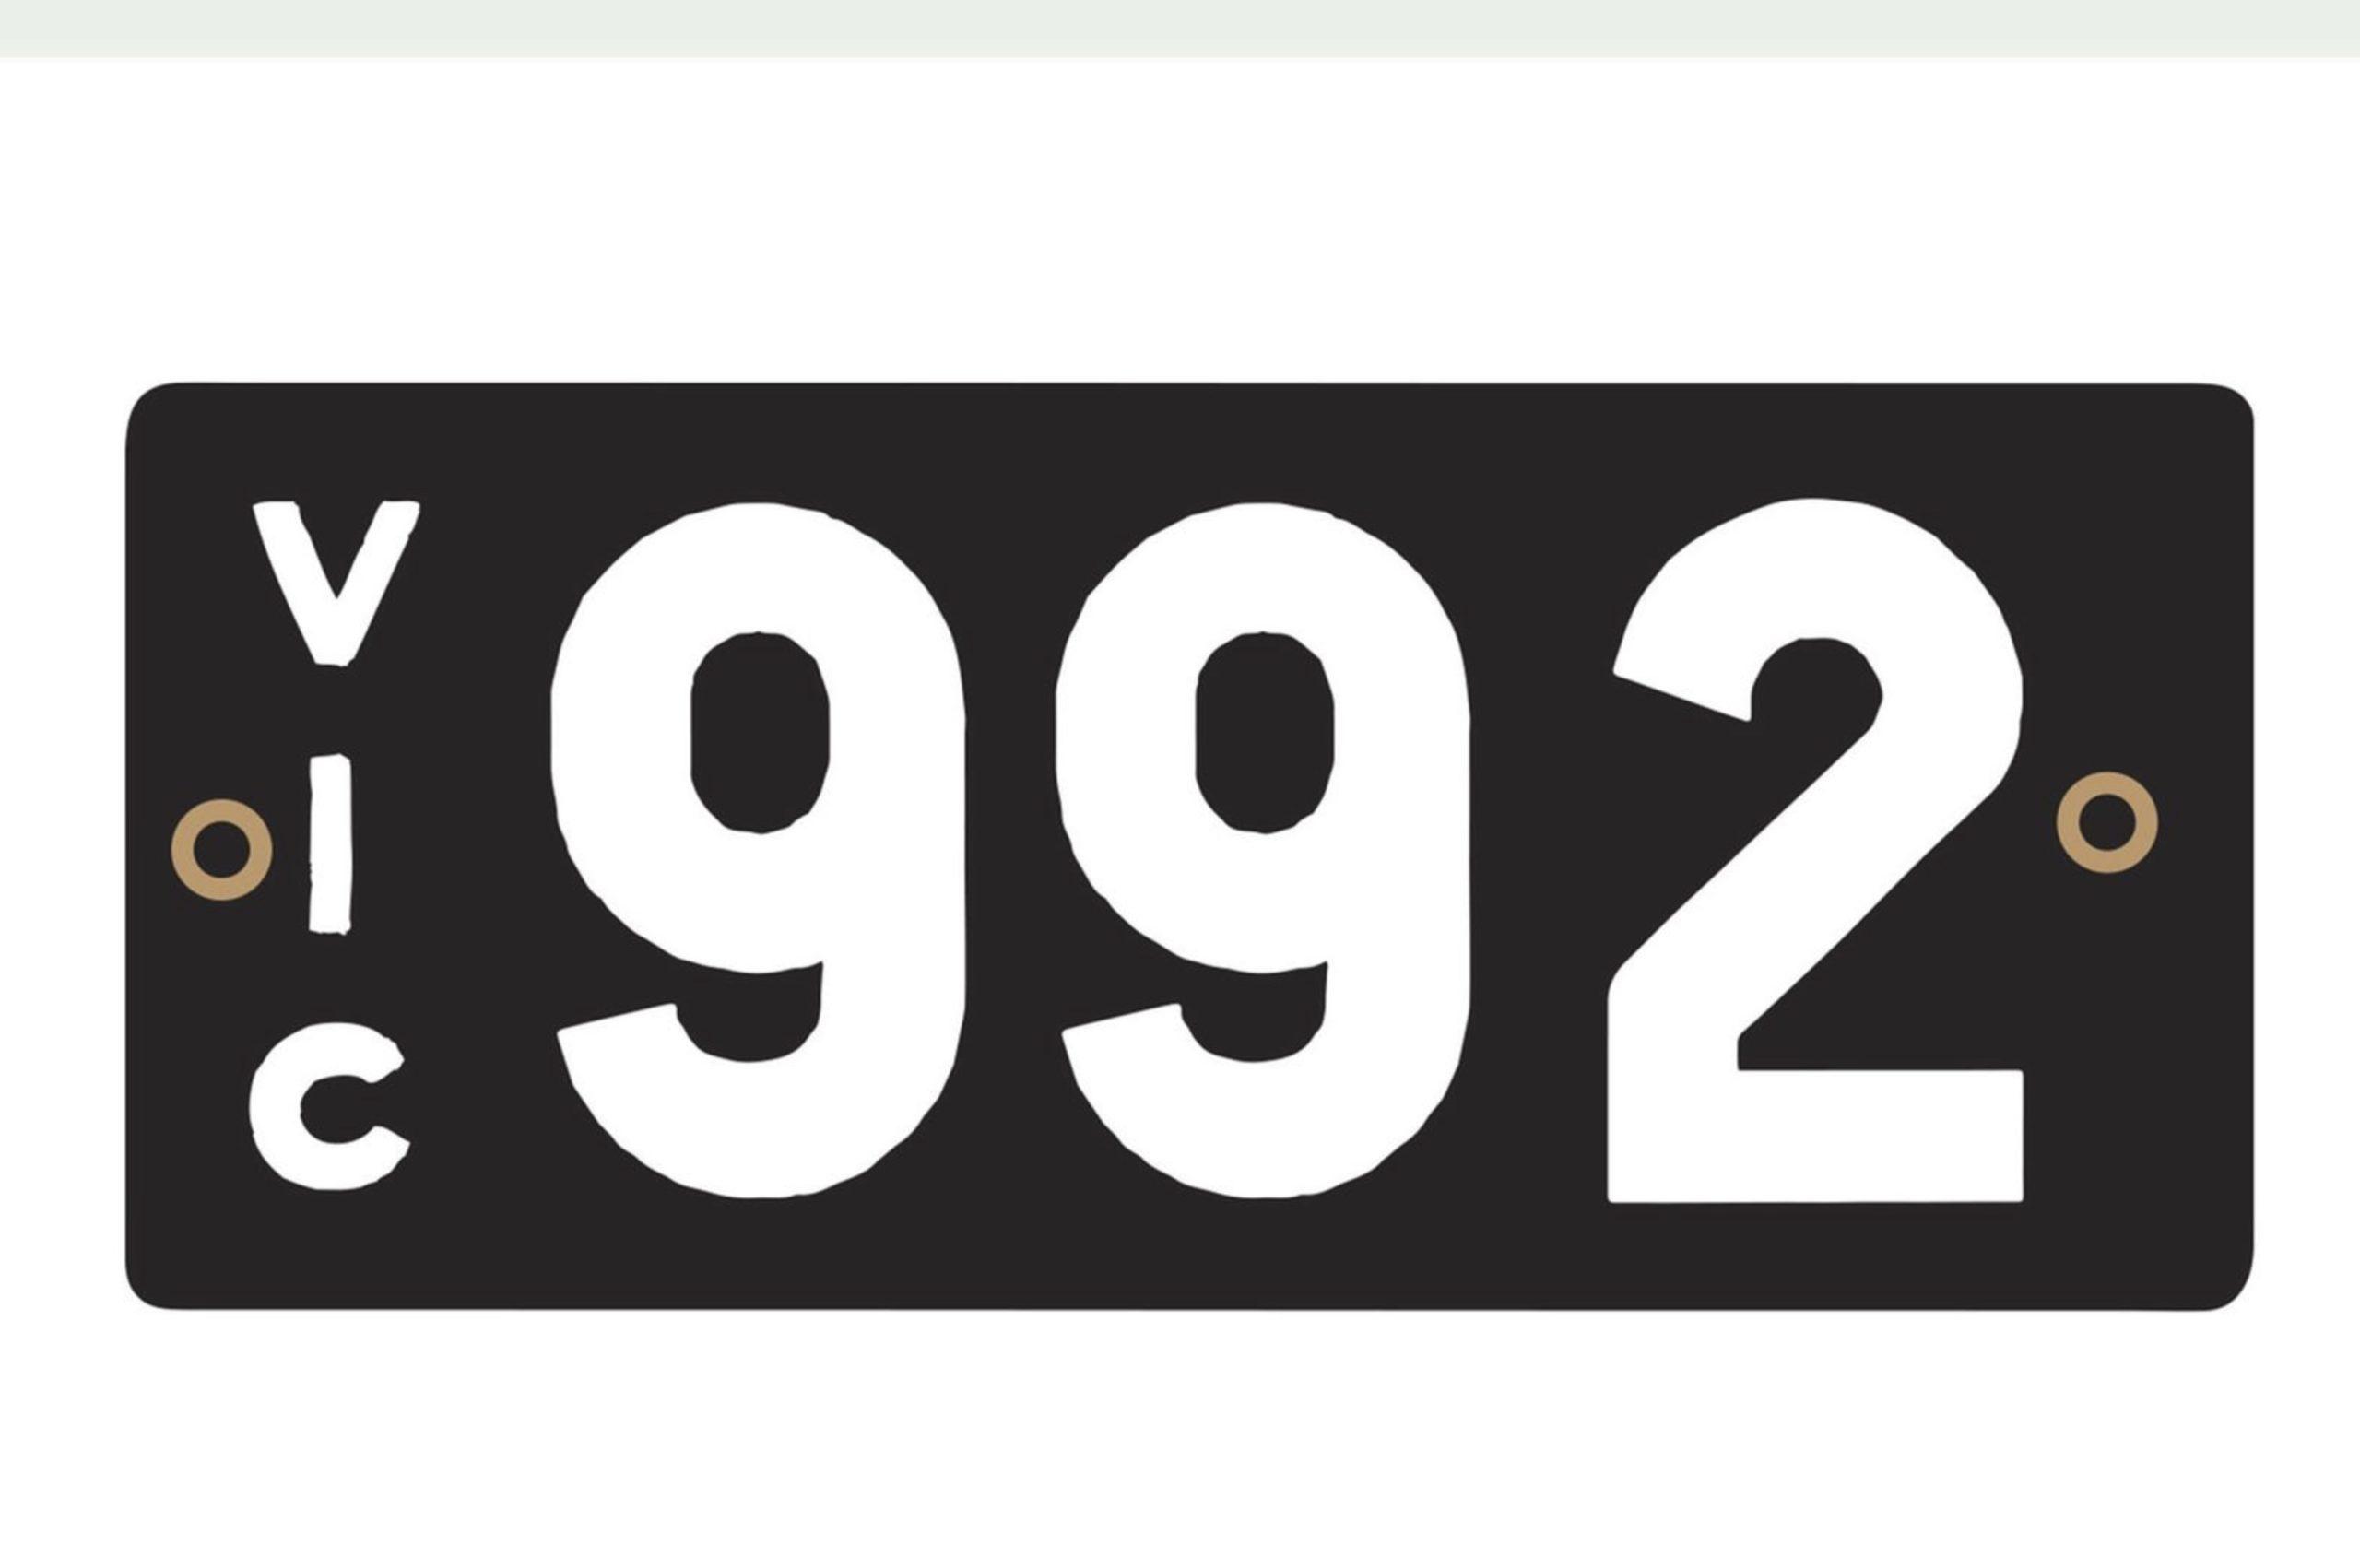 Plaque 992 pour un amateur de Porsche - Résultats Shannons Auctions avril 2021.